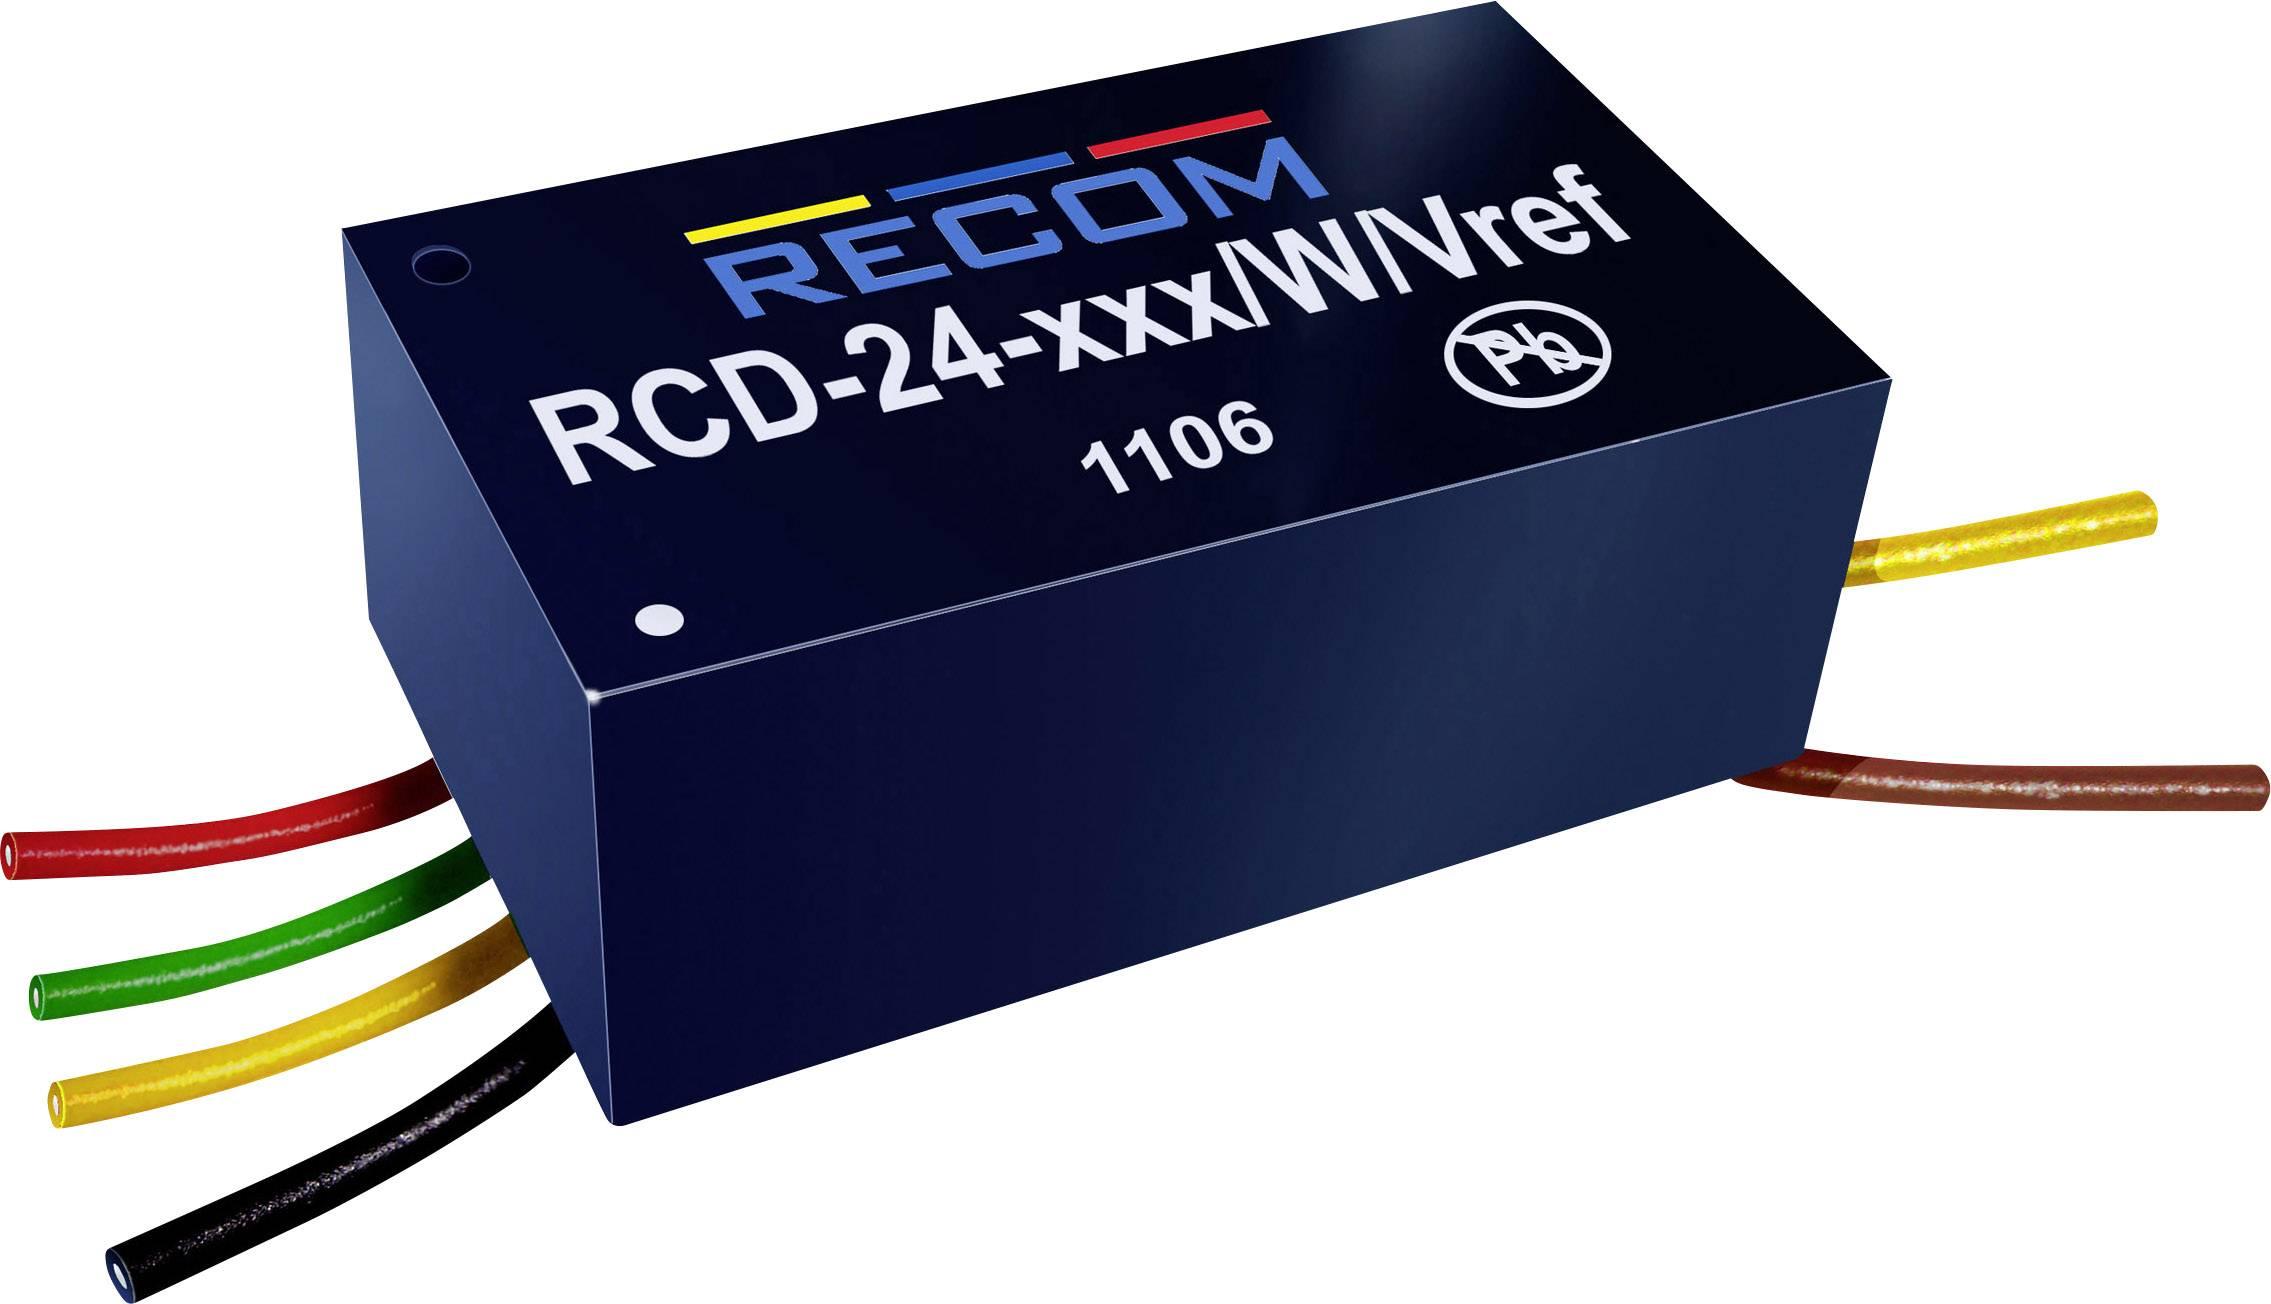 LED BUDIC SÉRIE RCD RCD-24-0, 50/W